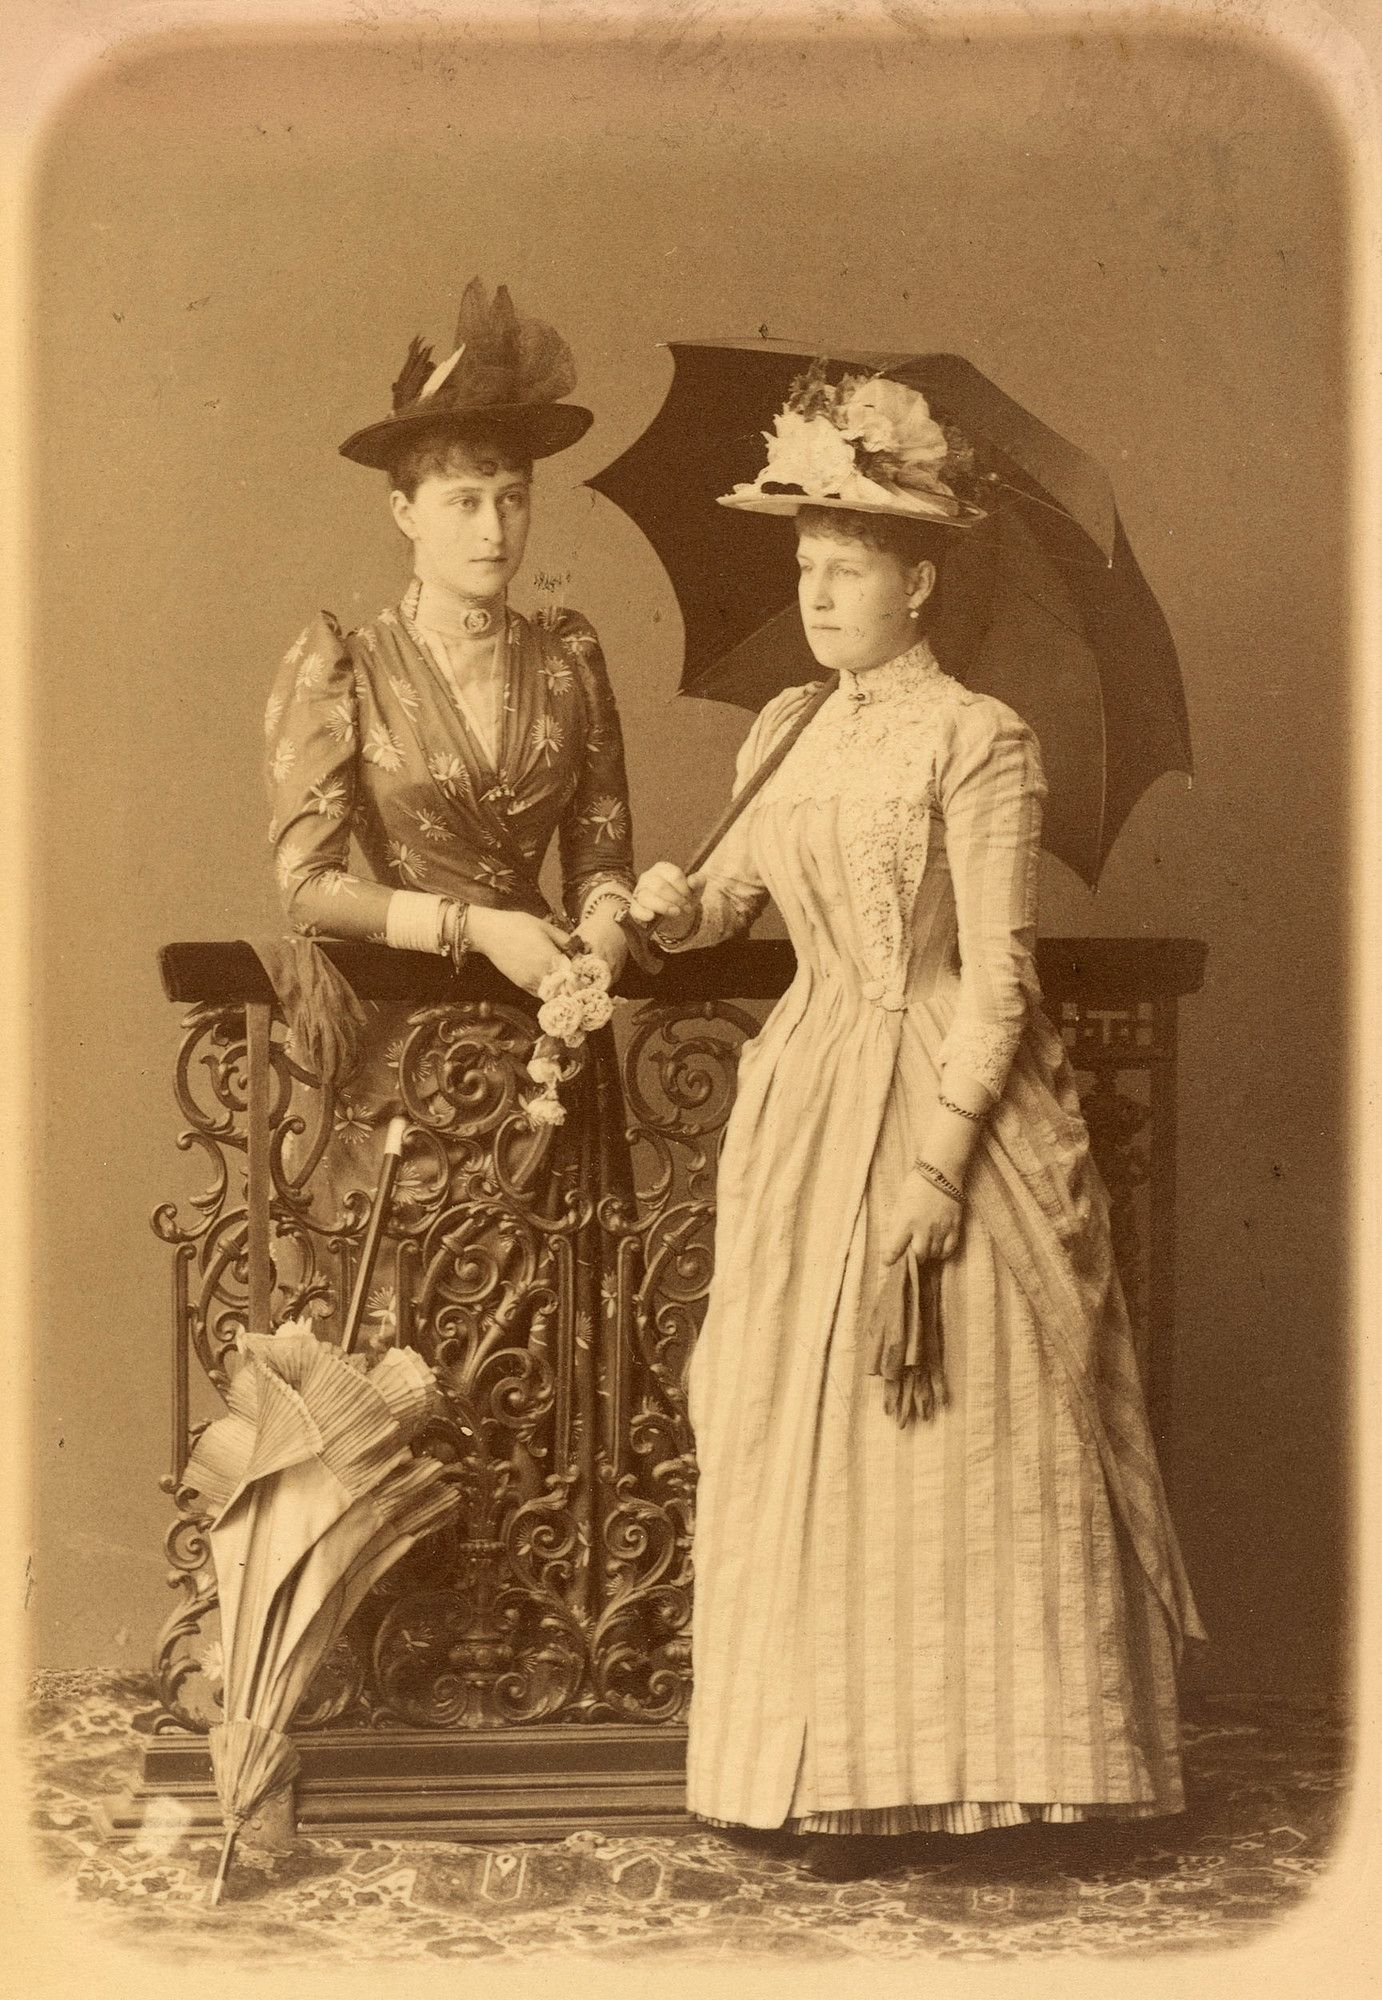 Grã-duquesa Elisabeth Feodorovna (1864-1918) e Grã-duquesa Alexandra Georgievna (1870-1891) em cerca de 1890. A grã-duquesa Elisabeth está de pé atrás de uma cerca de ferro forjado, vestindo um vestido modelado e segurando um pequeno ramo de flores. Há um guarda-chuva fechado encostado na cerca na frente dela. Grã-duquesa Alexandra está de pé na frente da cerca para a direita, segurando um guarda-chuva atrás dela com a mão direita e segurando um par de luvas na mão esquerda.